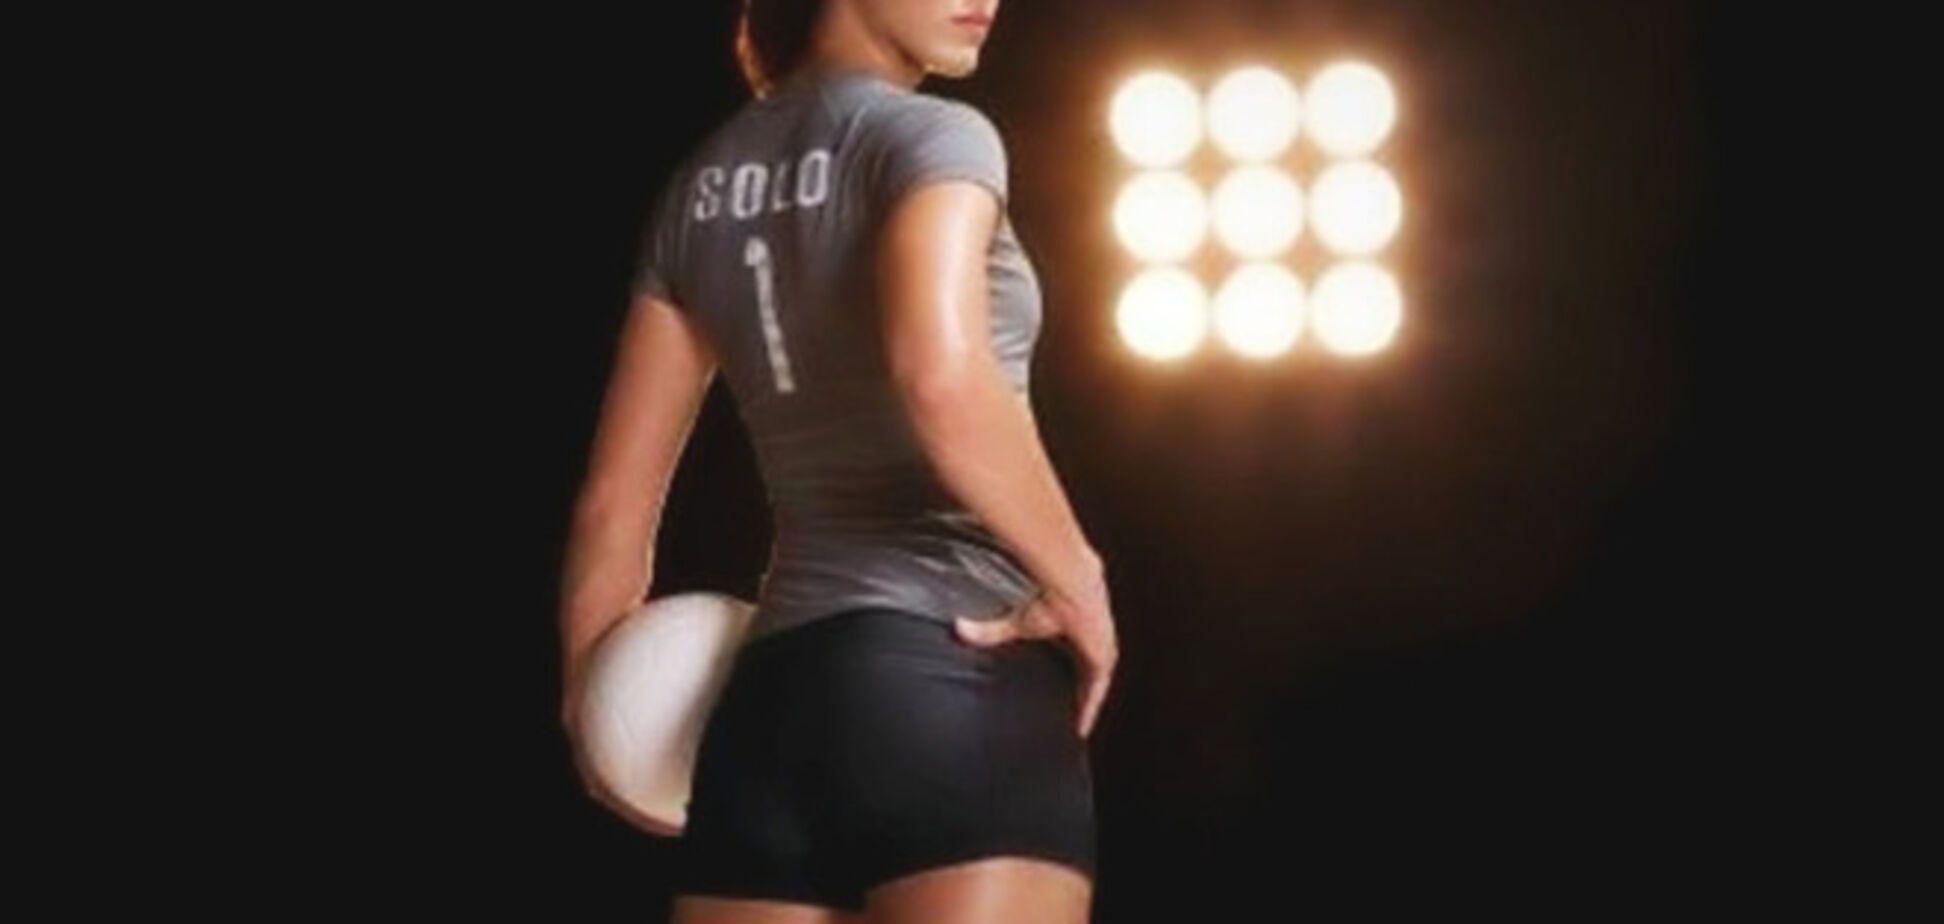 В интернет просочилось интимное фото вратаря женской сборной США